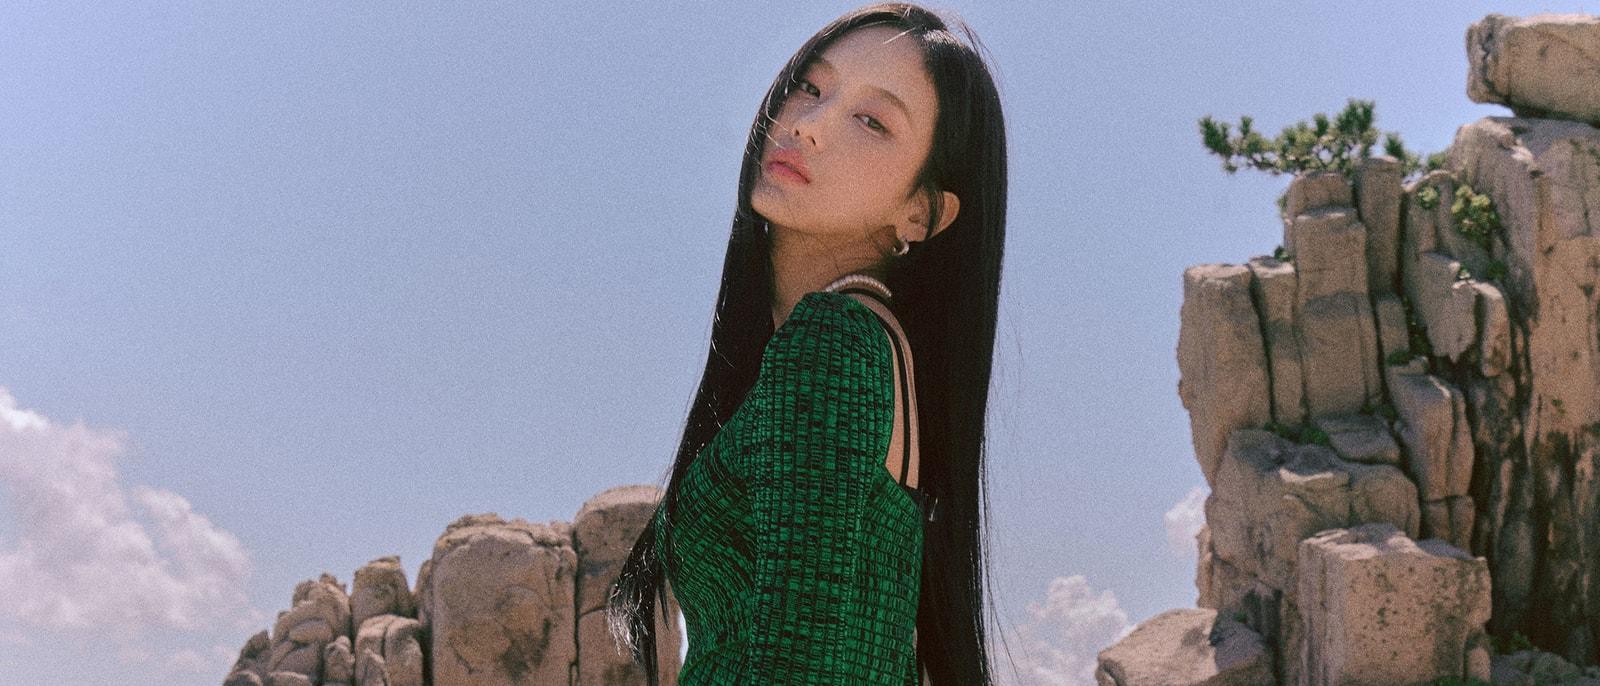 Seori 88rising K-pop Musician Singer Songwriter South Korean Music Artist